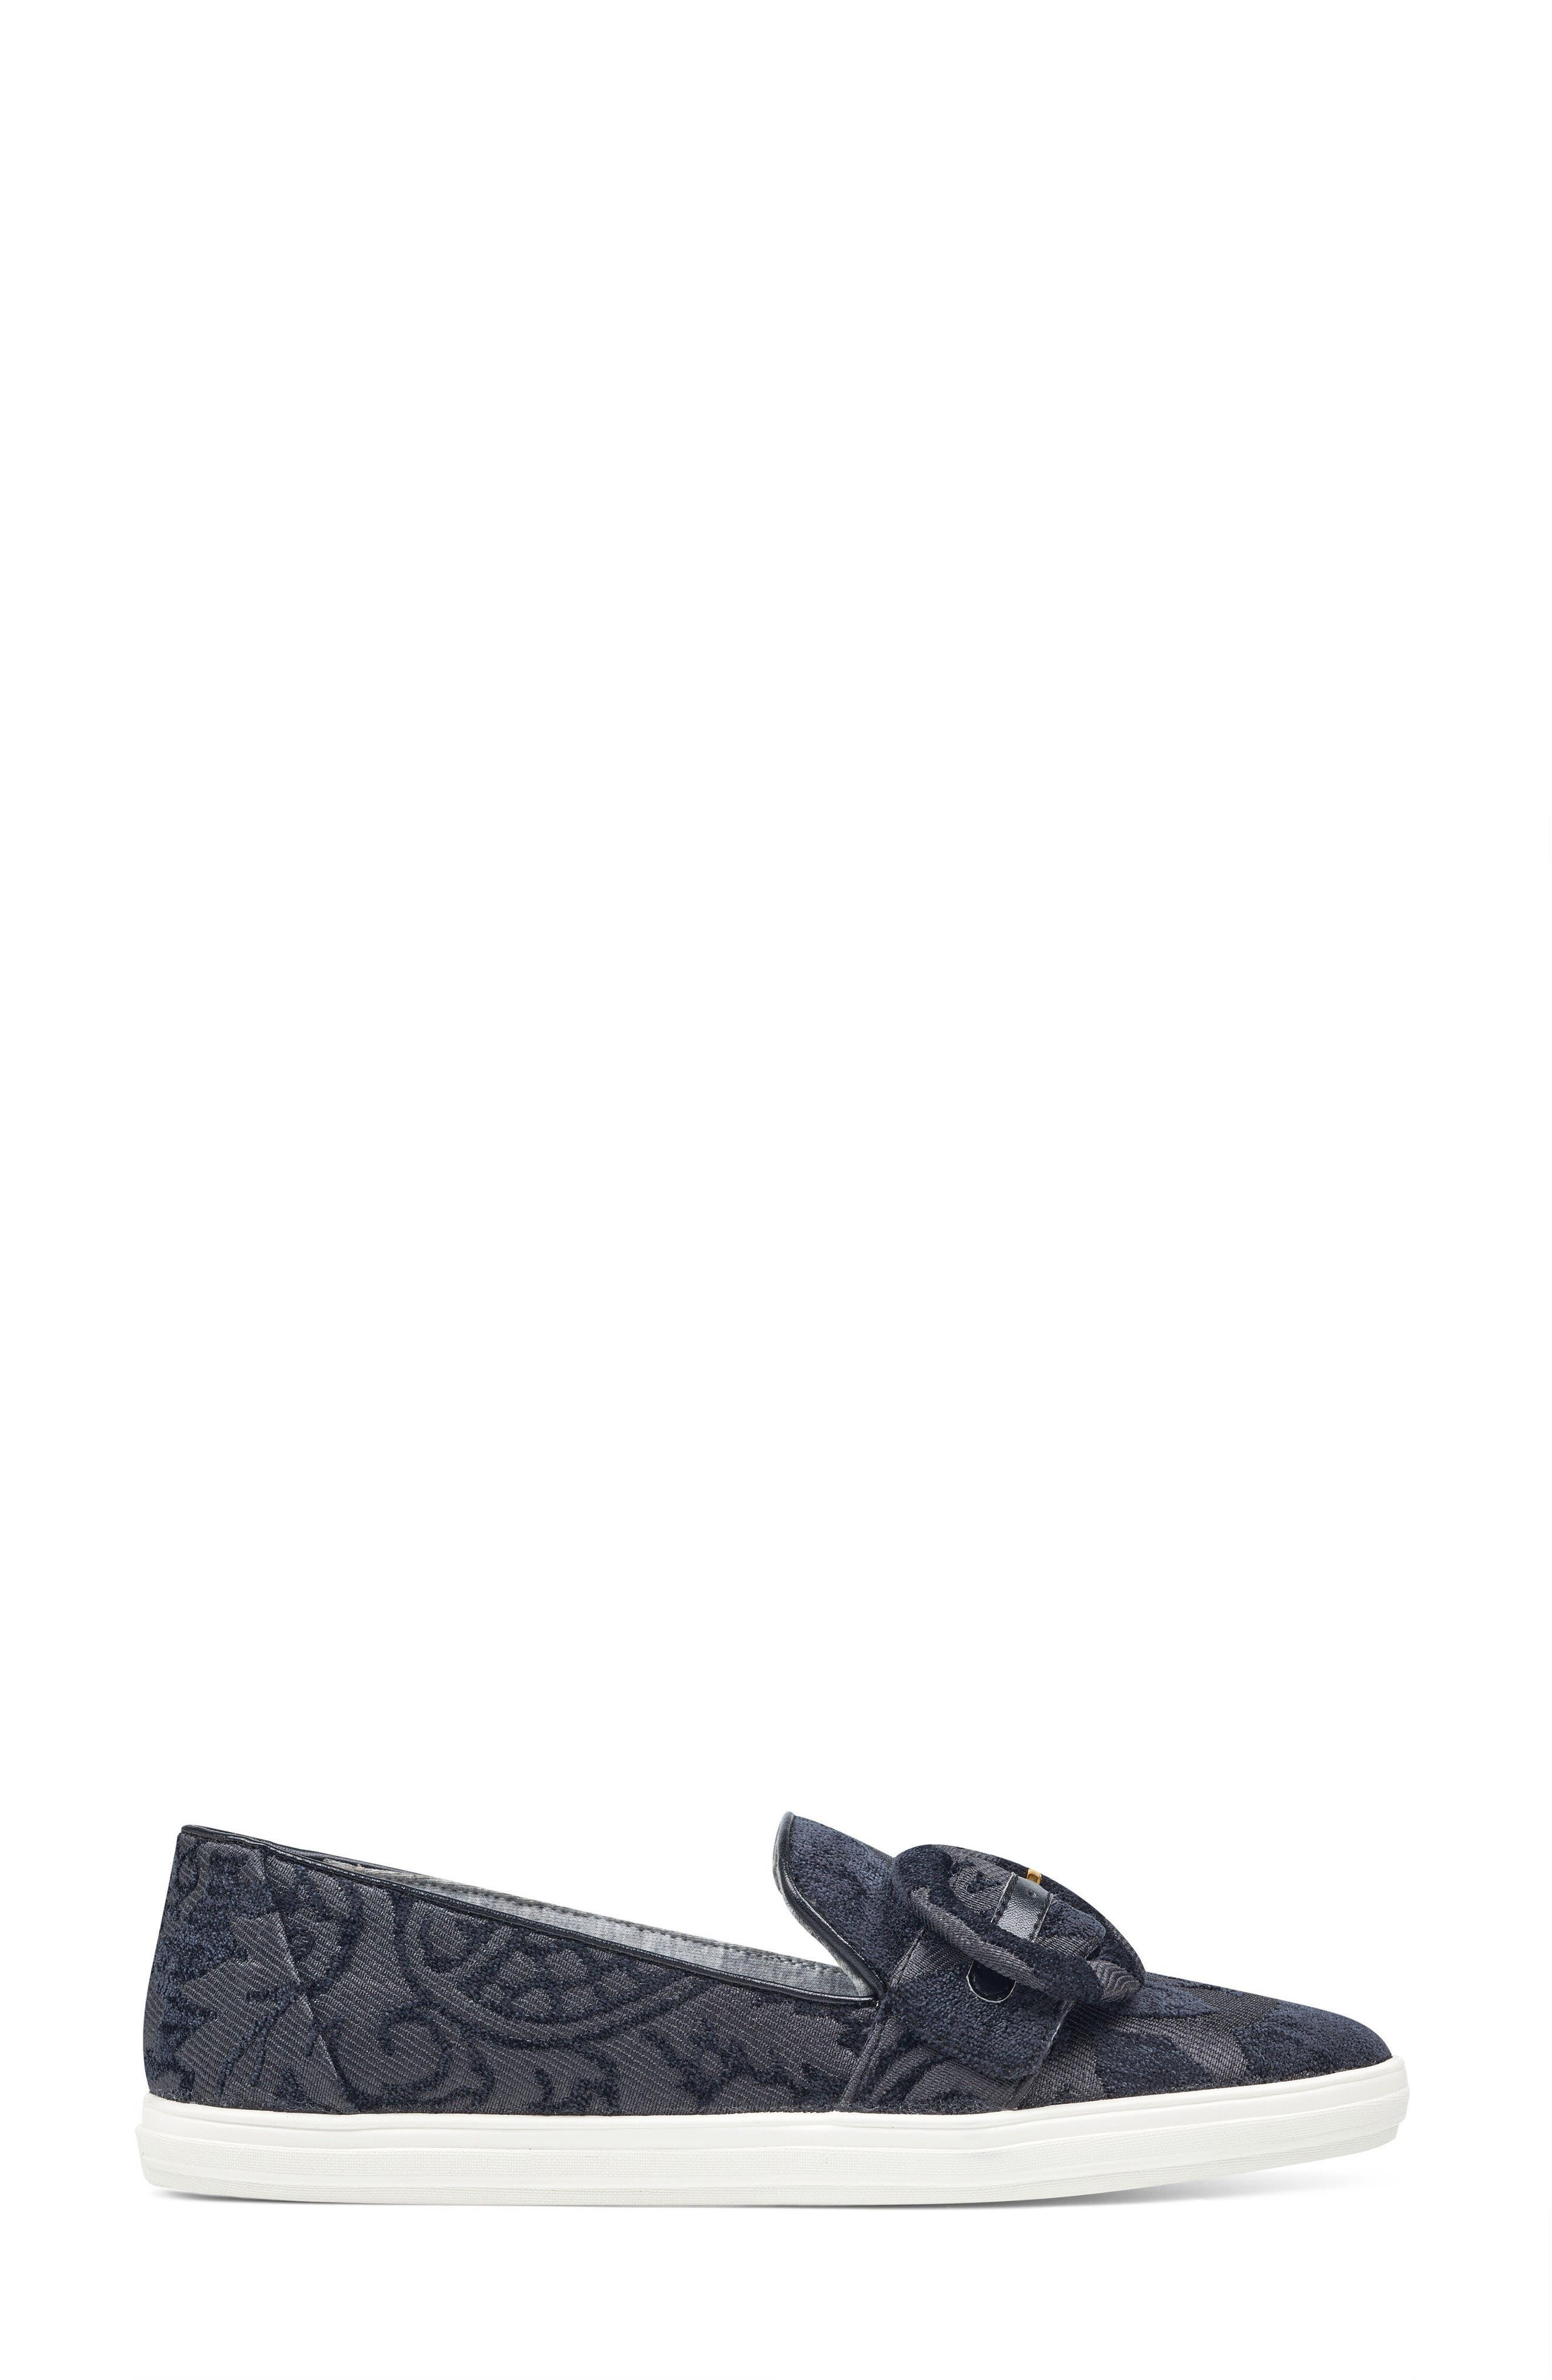 Shireene Slip-On Sneaker,                             Alternate thumbnail 3, color,                             002